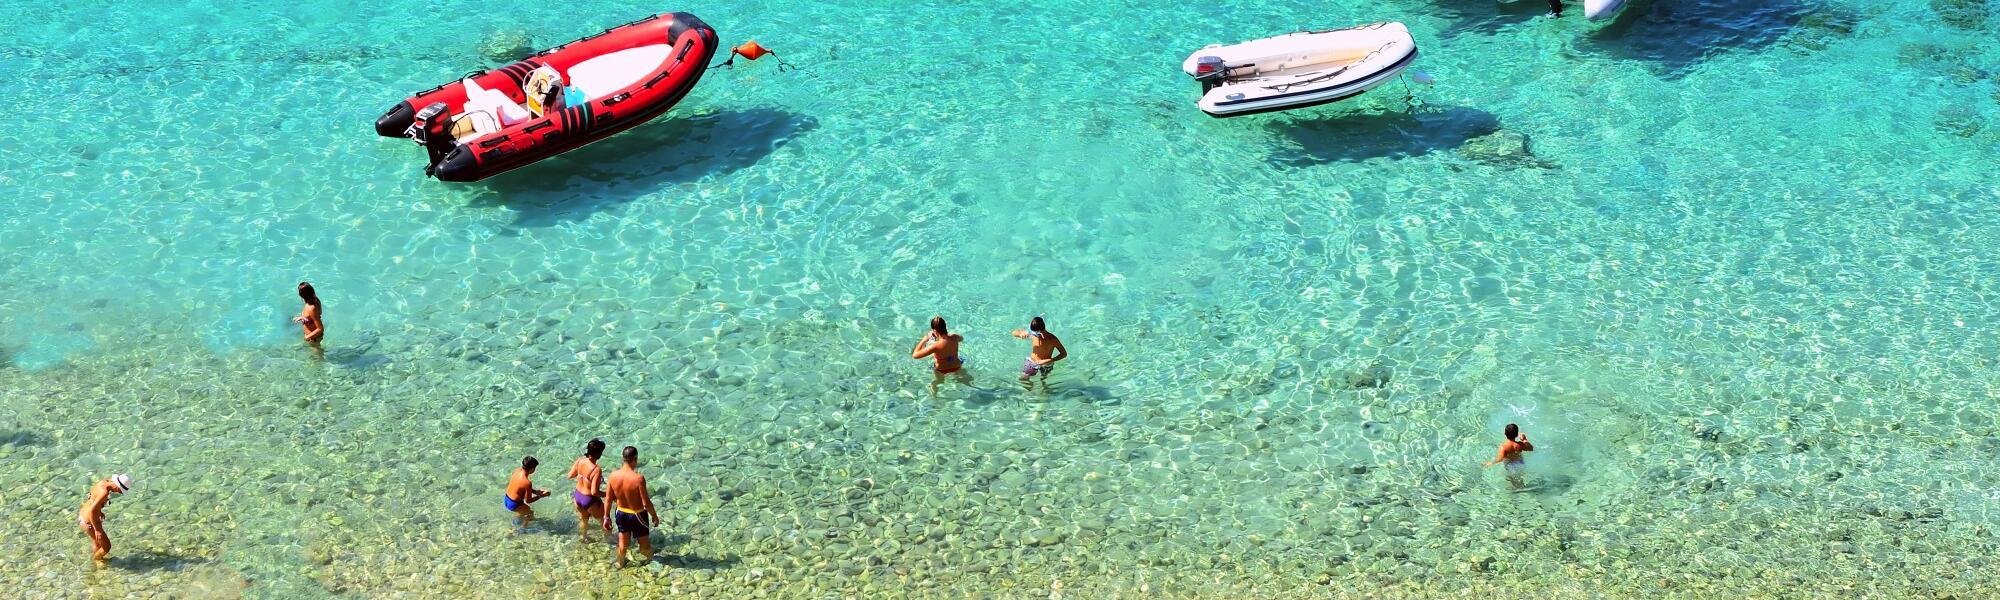 Vacanza in Residence con navetta per Isole Tremiti da Peschici